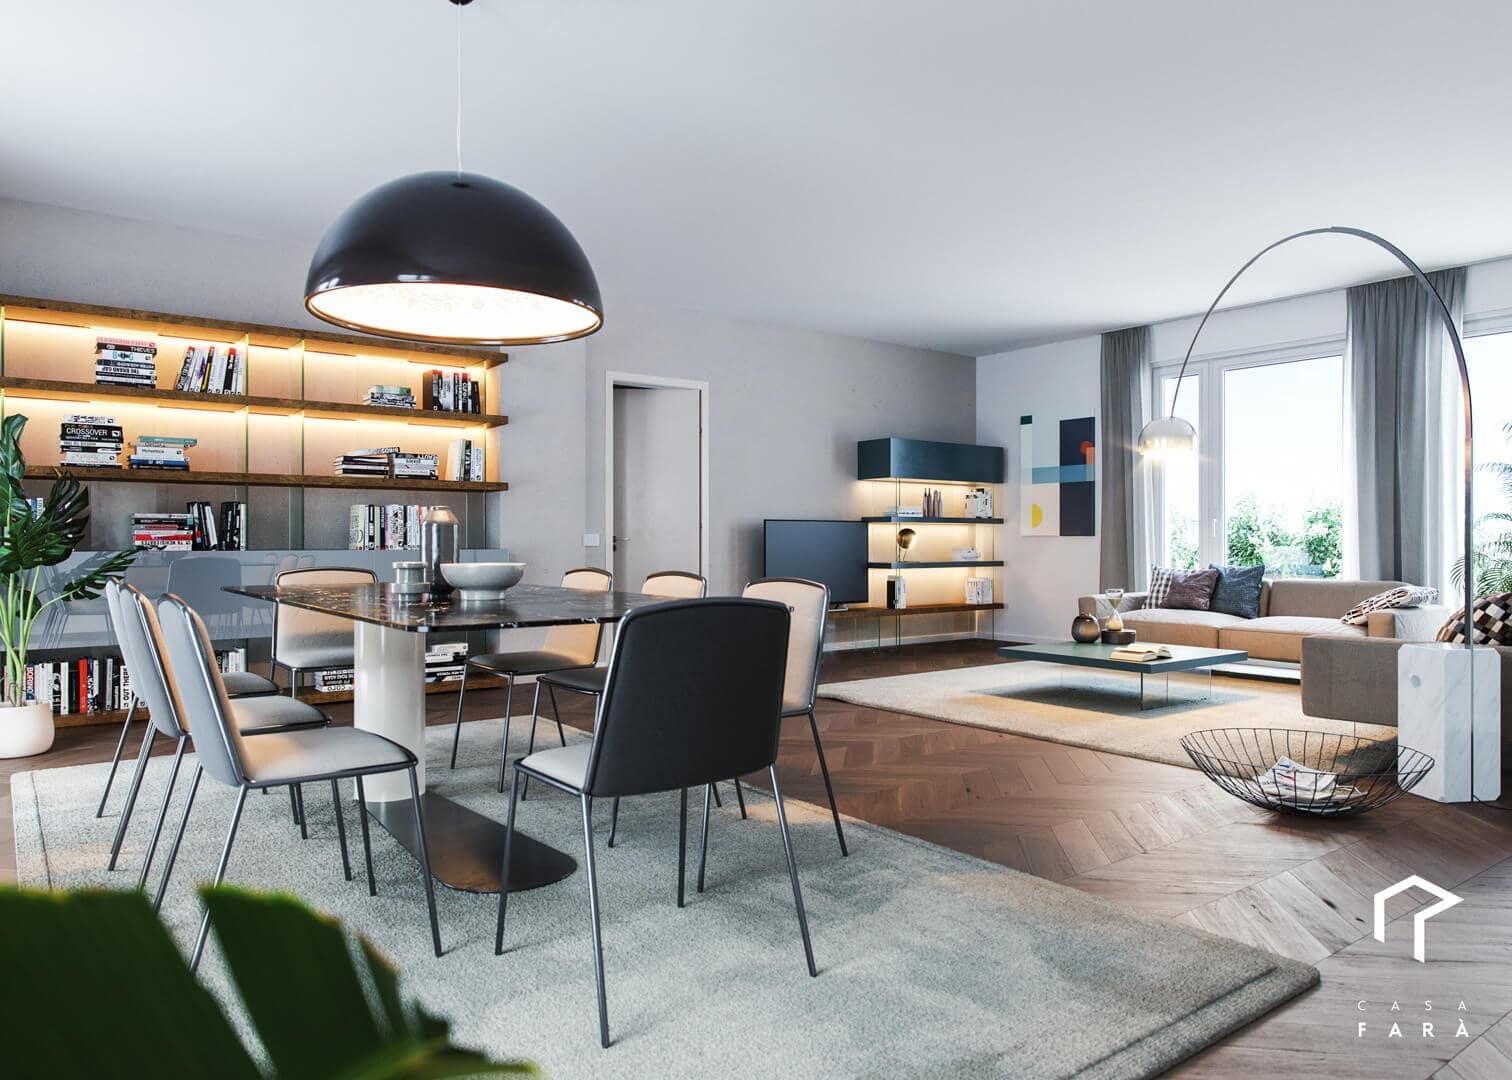 Casa Fara | LAGO